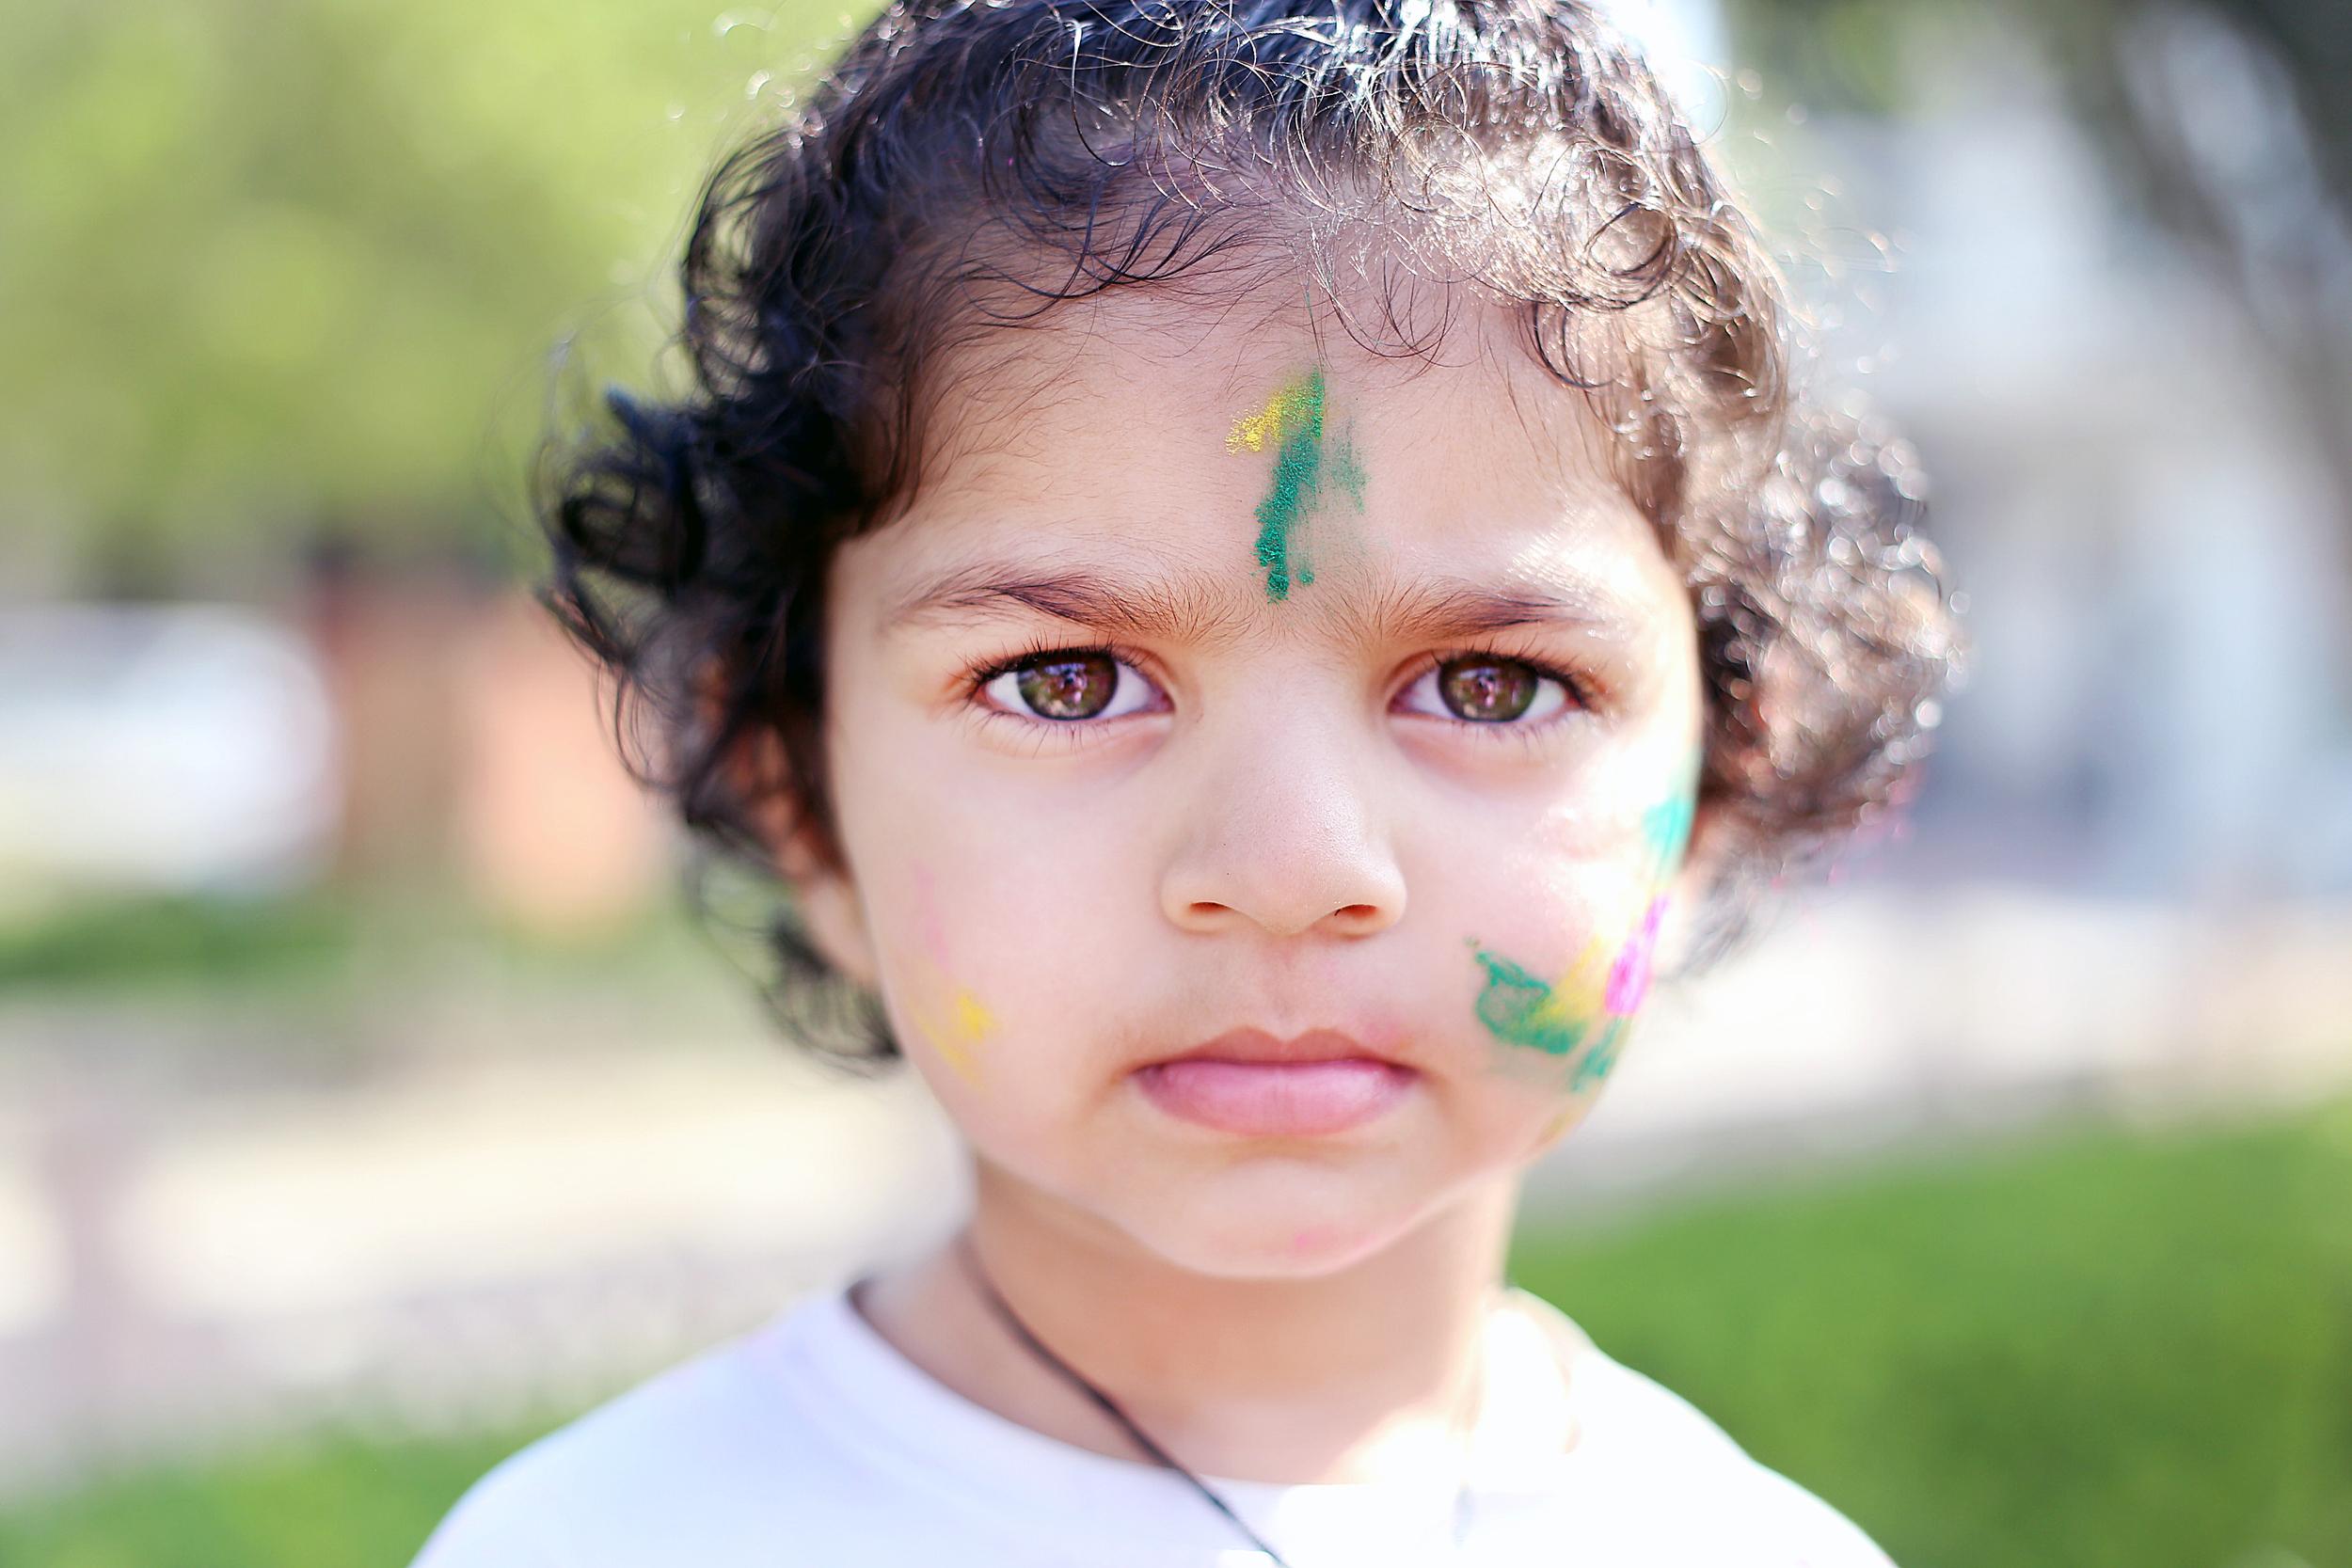 Child celebrating Holi - Mathura, India